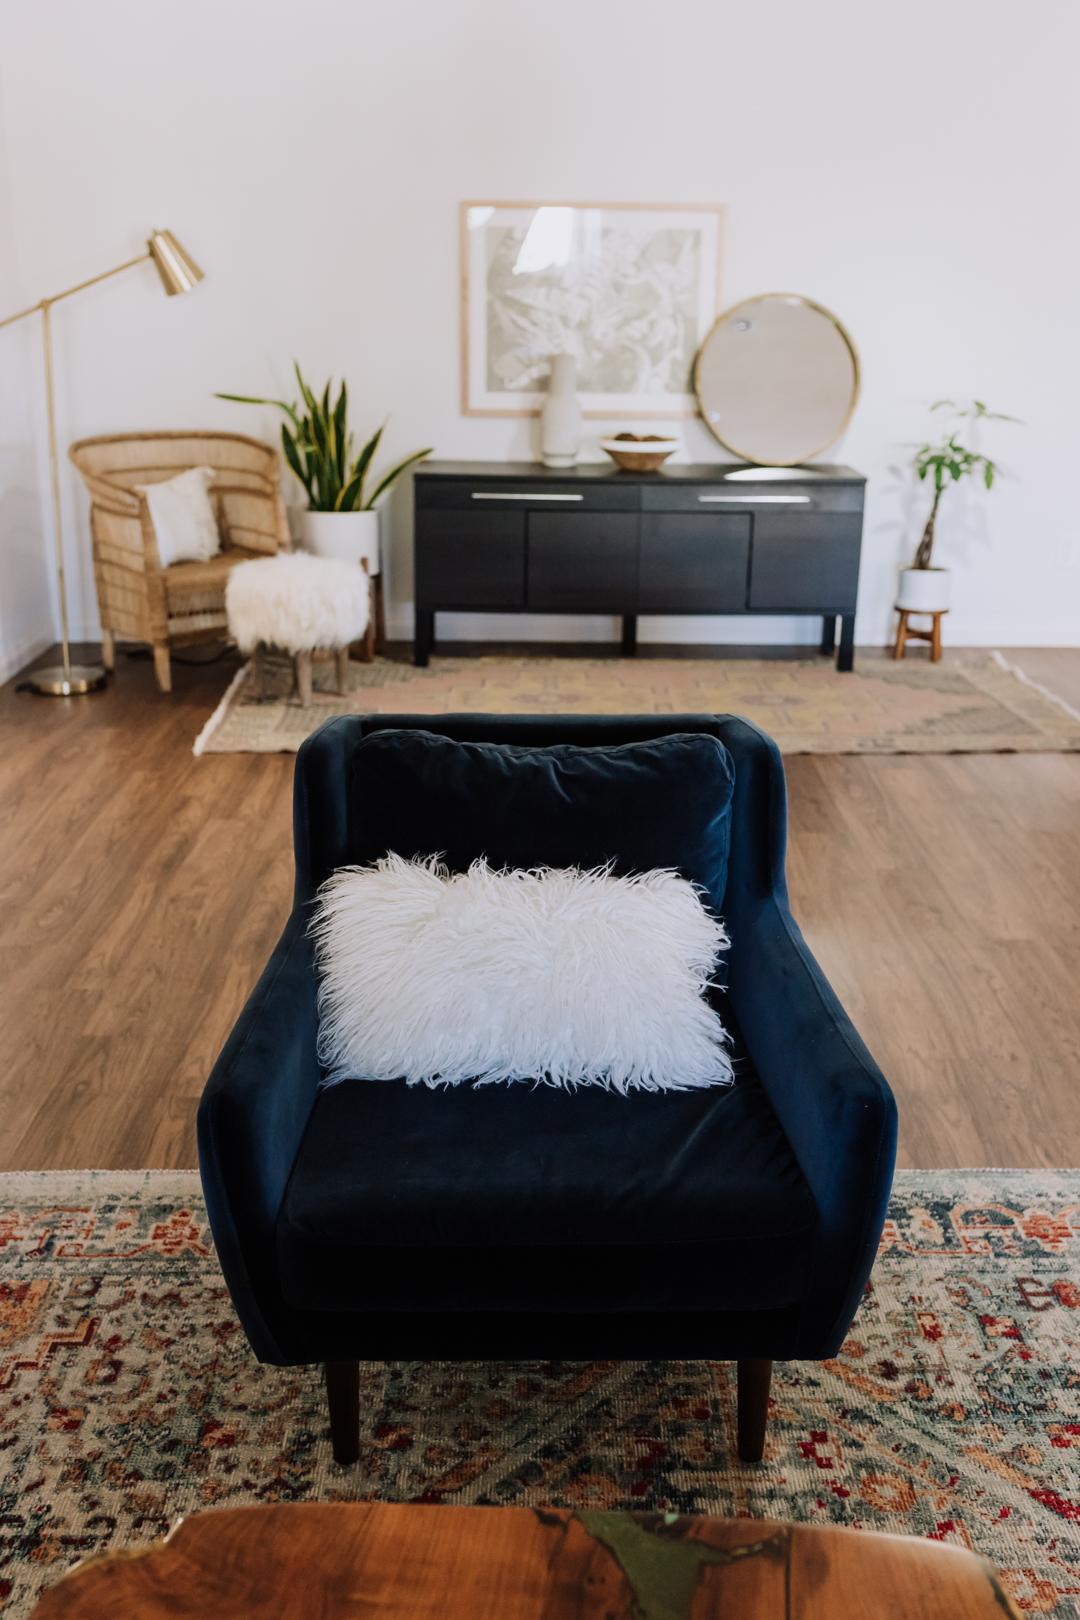 the best chair in the house | thelovedesignedlife.com #bluevelvetchair #livingroom #theldldhome #homedecor